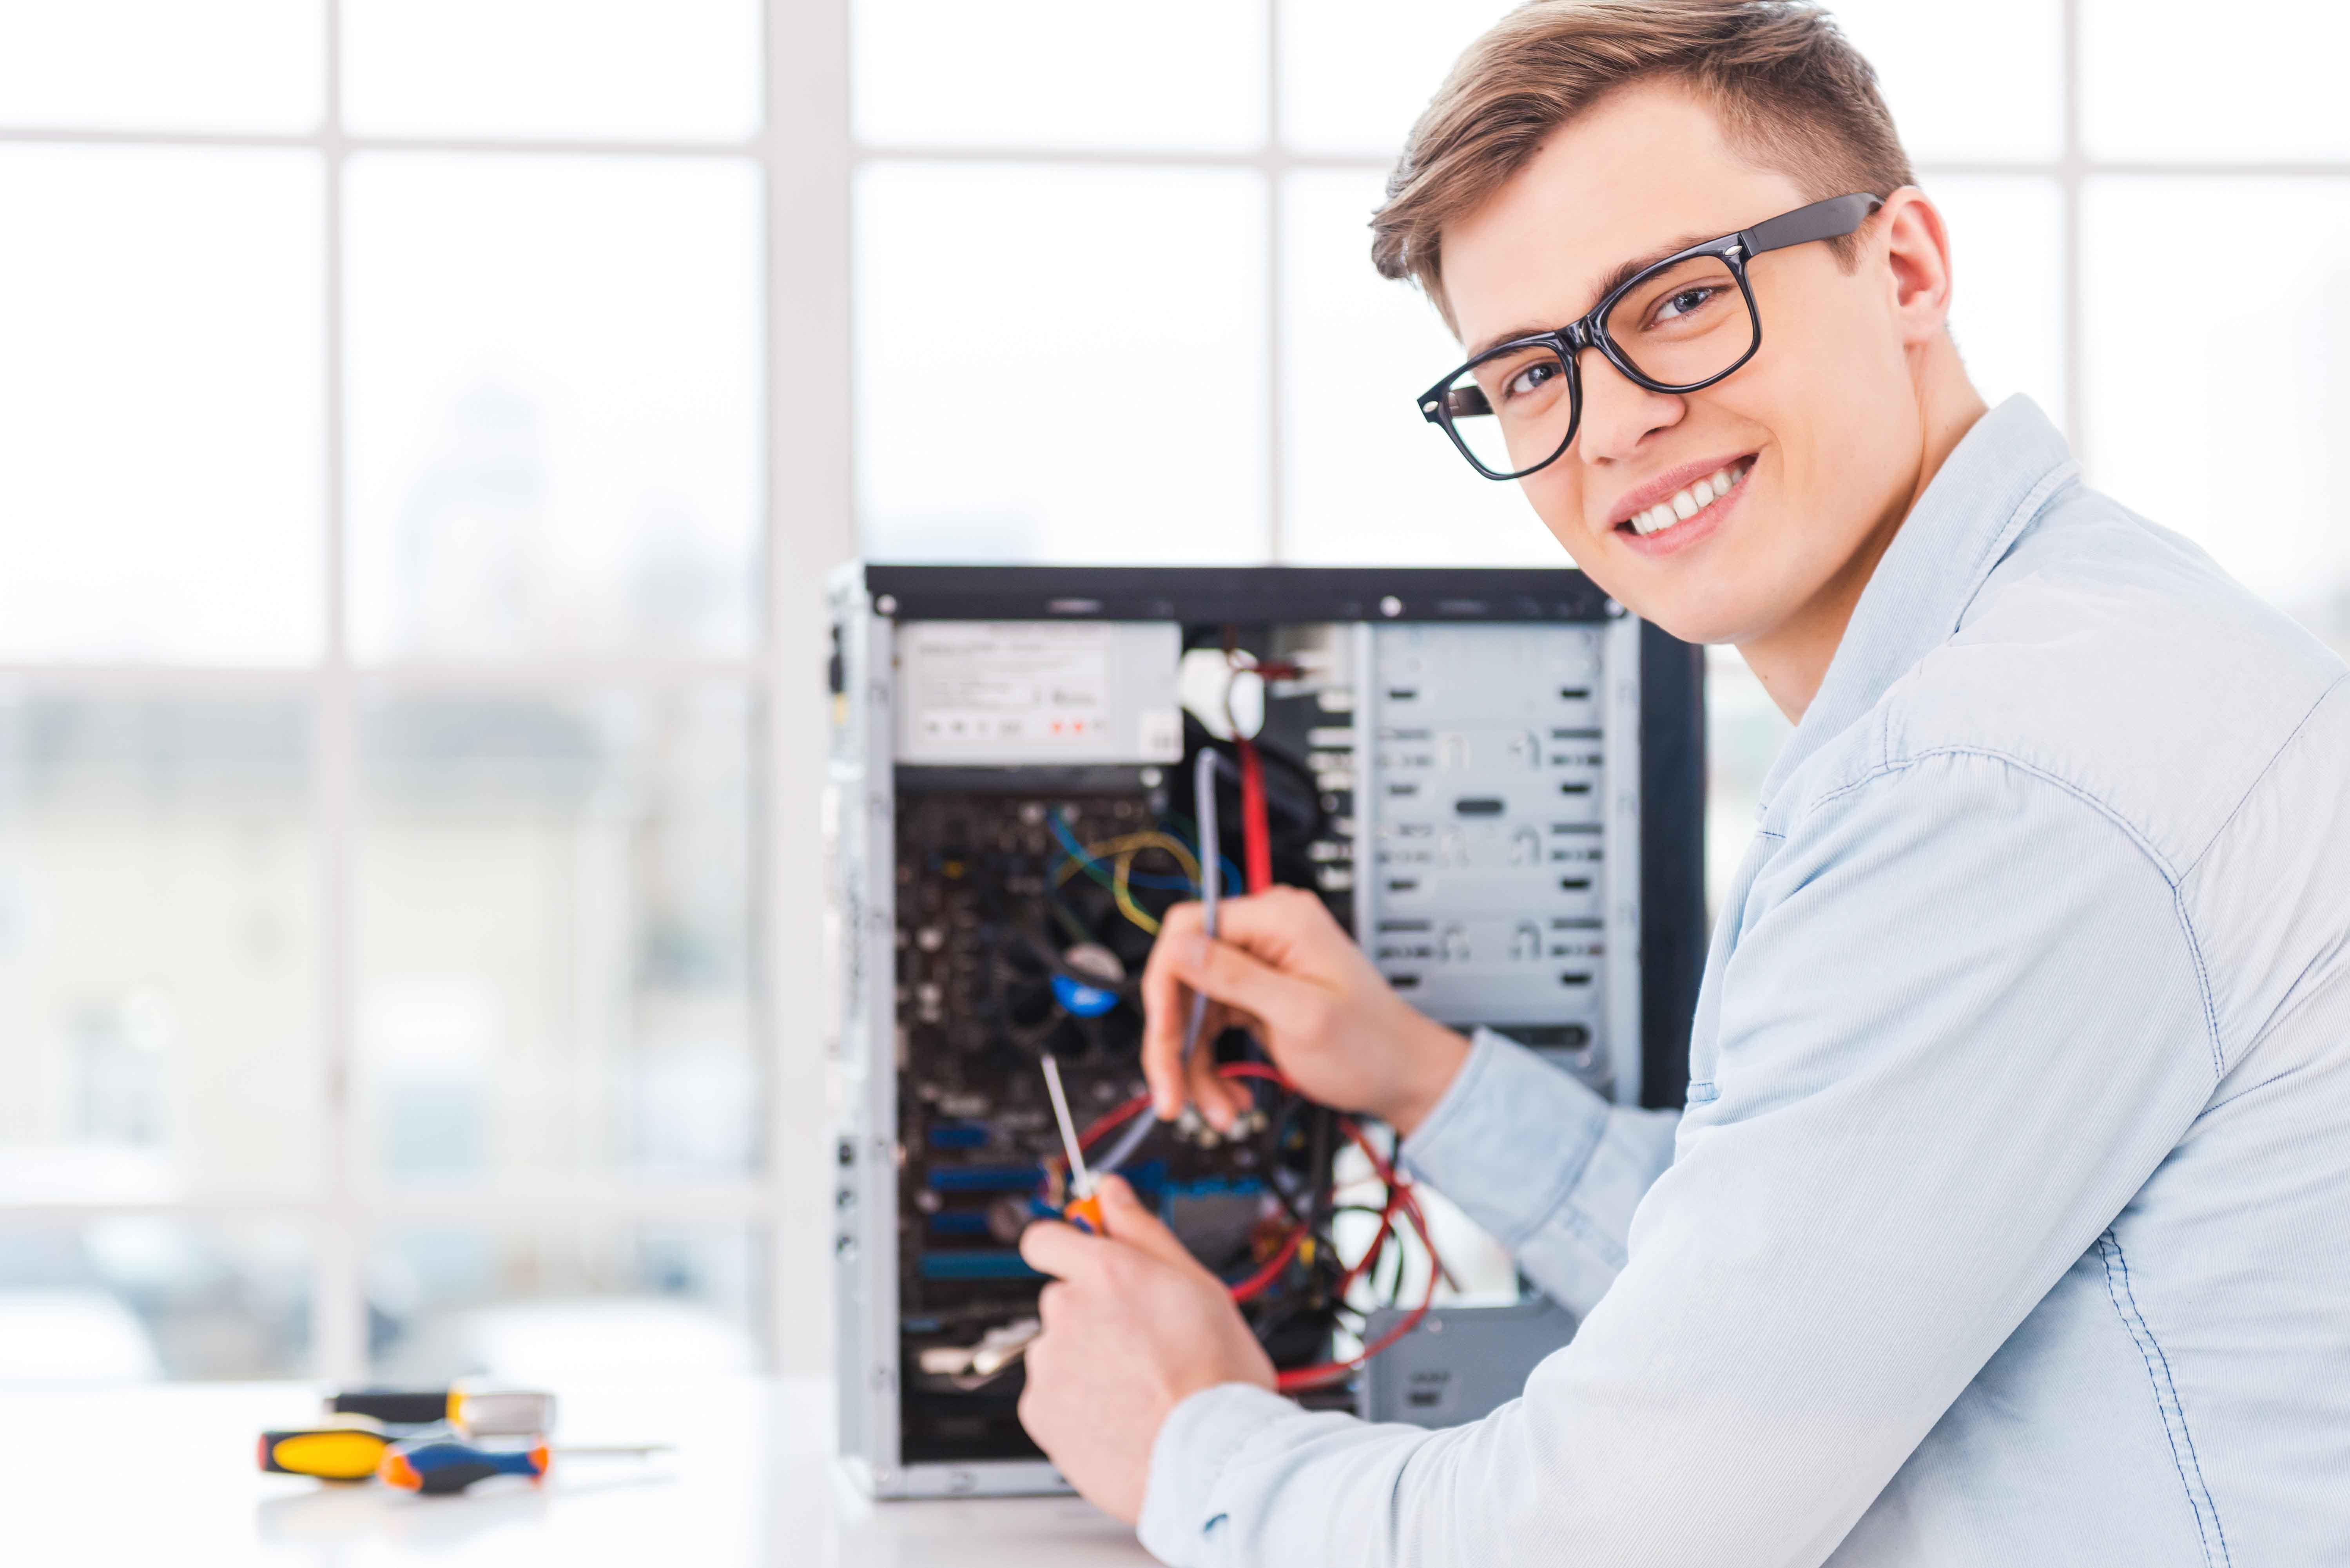 Chico trabajando en torre de ordenador